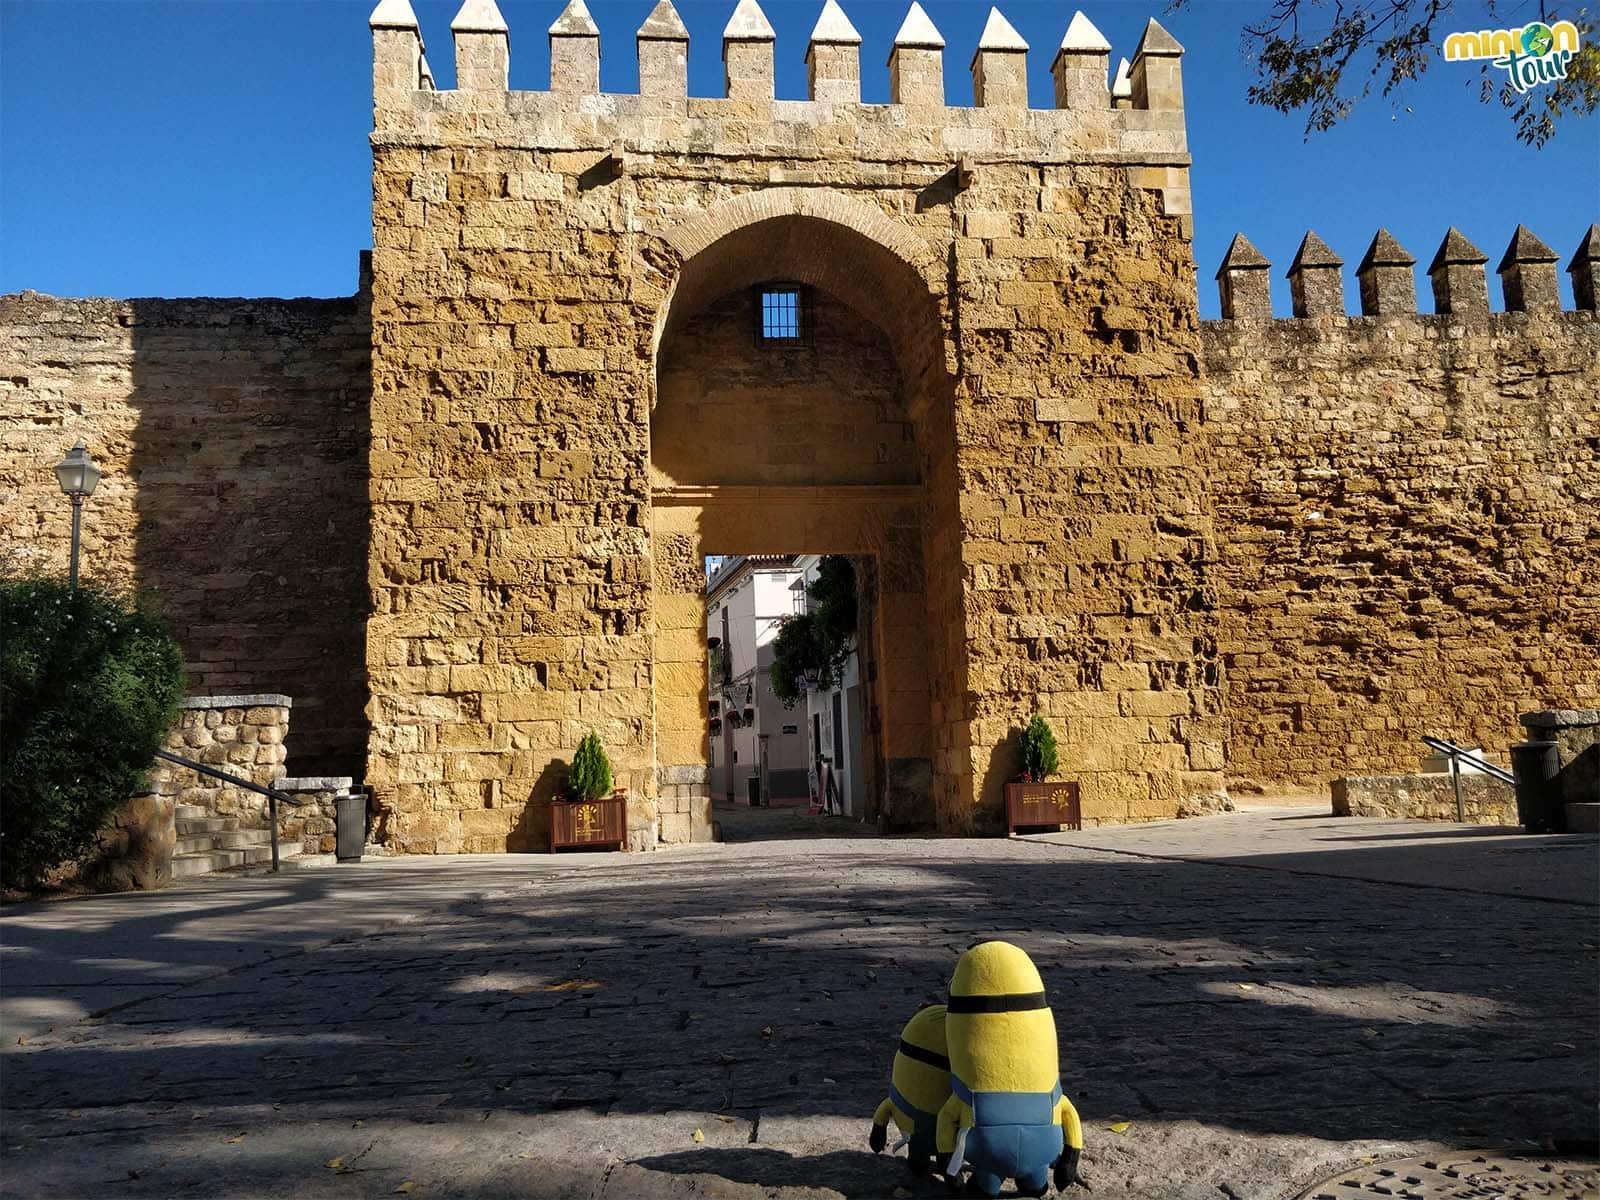 Tienes que ver la Puerta de Almodóvar en Córdoba